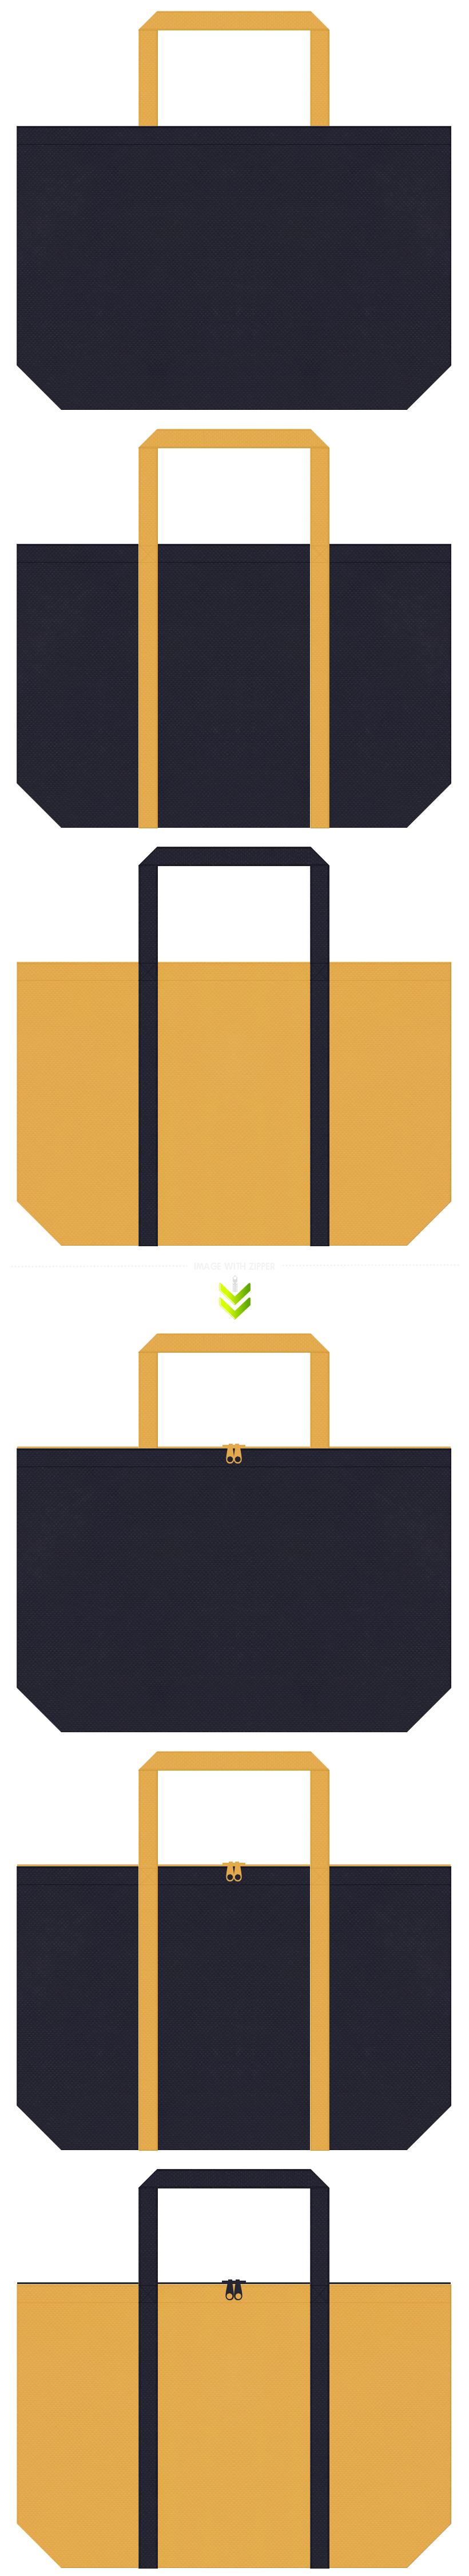 濃紺色と黄土色の不織布エコバッグのデザイン。カジュアルのショッピングバッグにお奨めです。